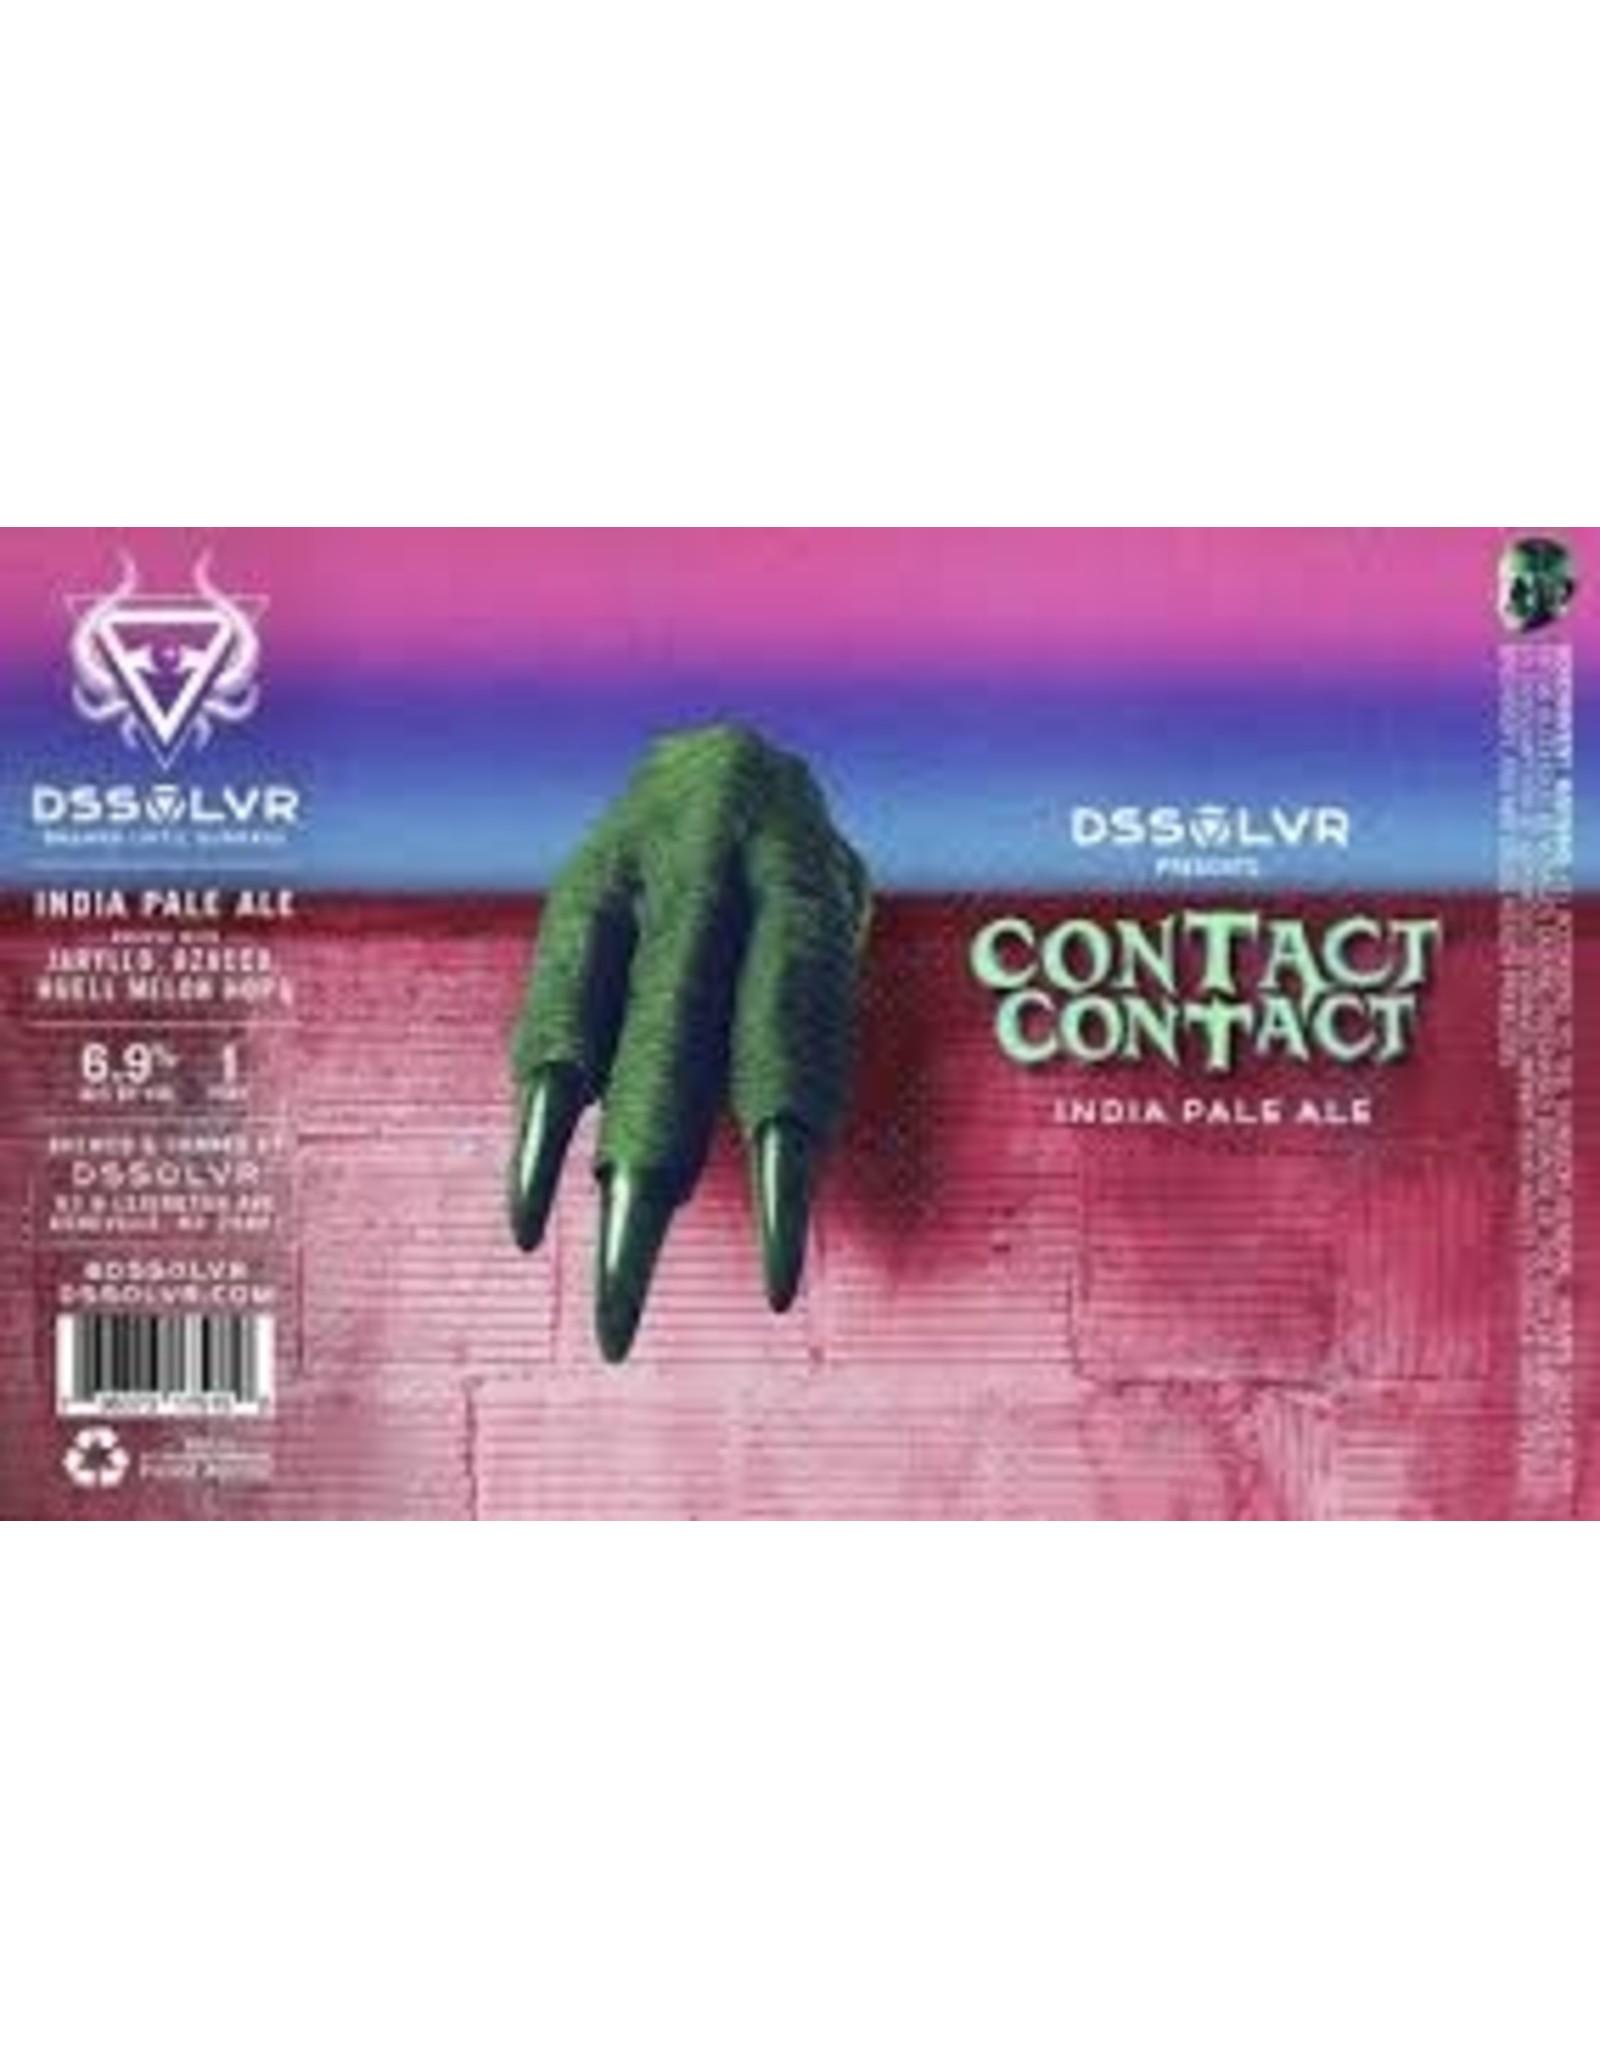 DSSOLVR DSSOLVR Contact Contact IPA 4pk can